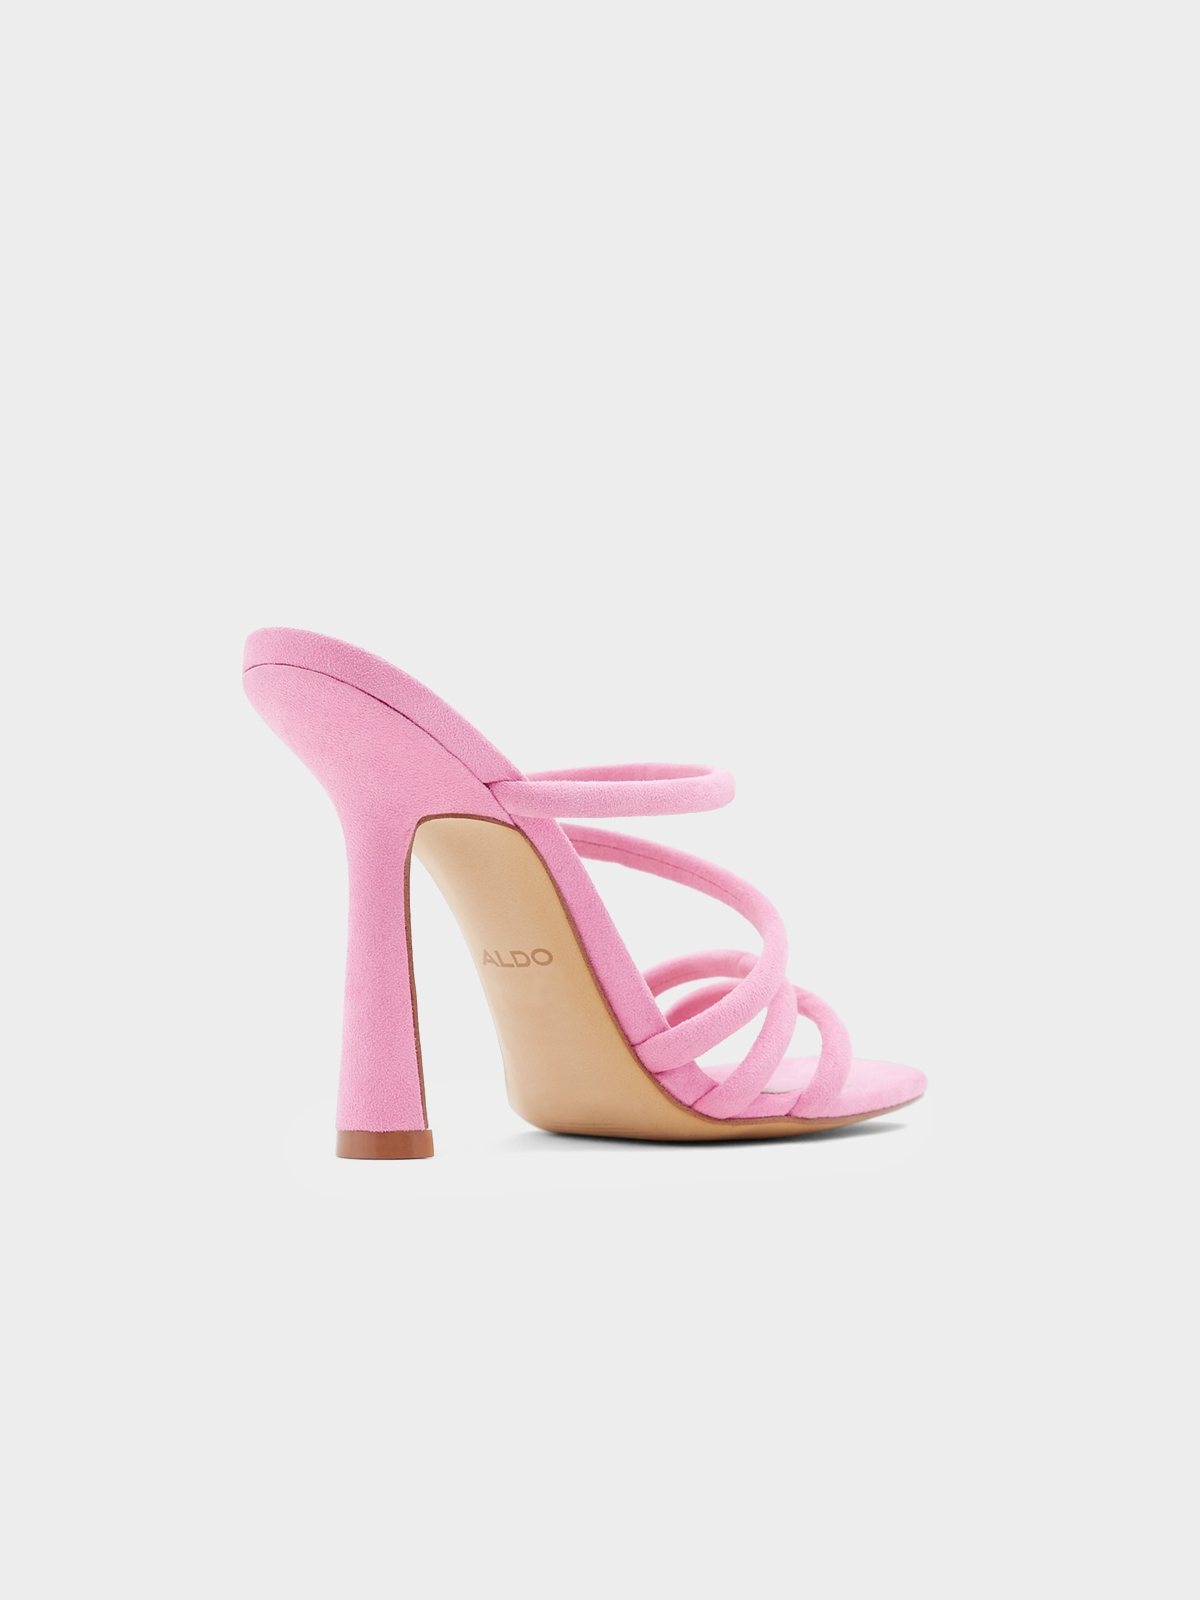 Aldo Arianna Heels Pink